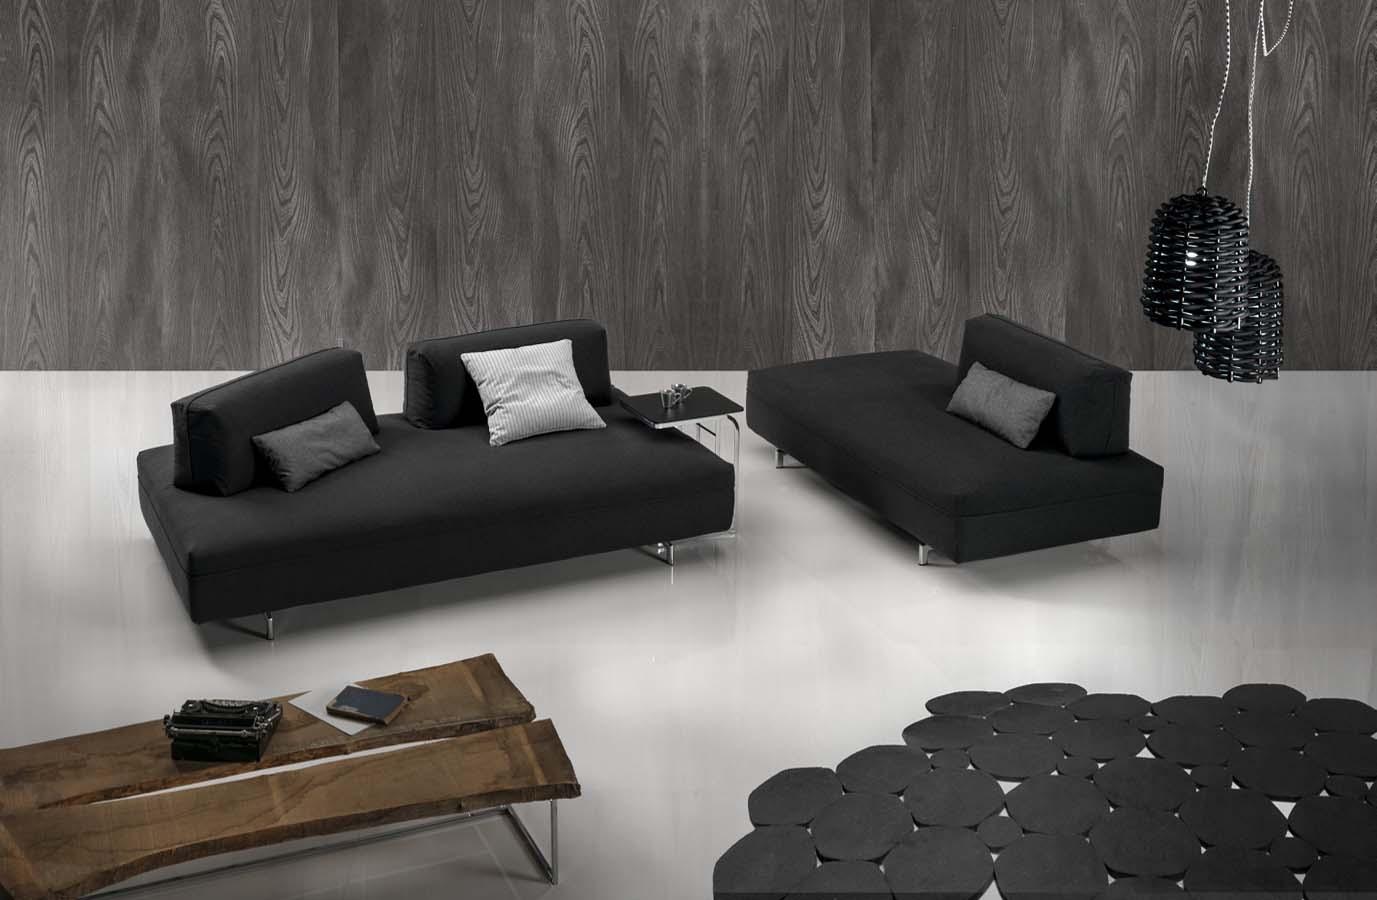 Excò-divano-Urban-schienale-spostabile-1